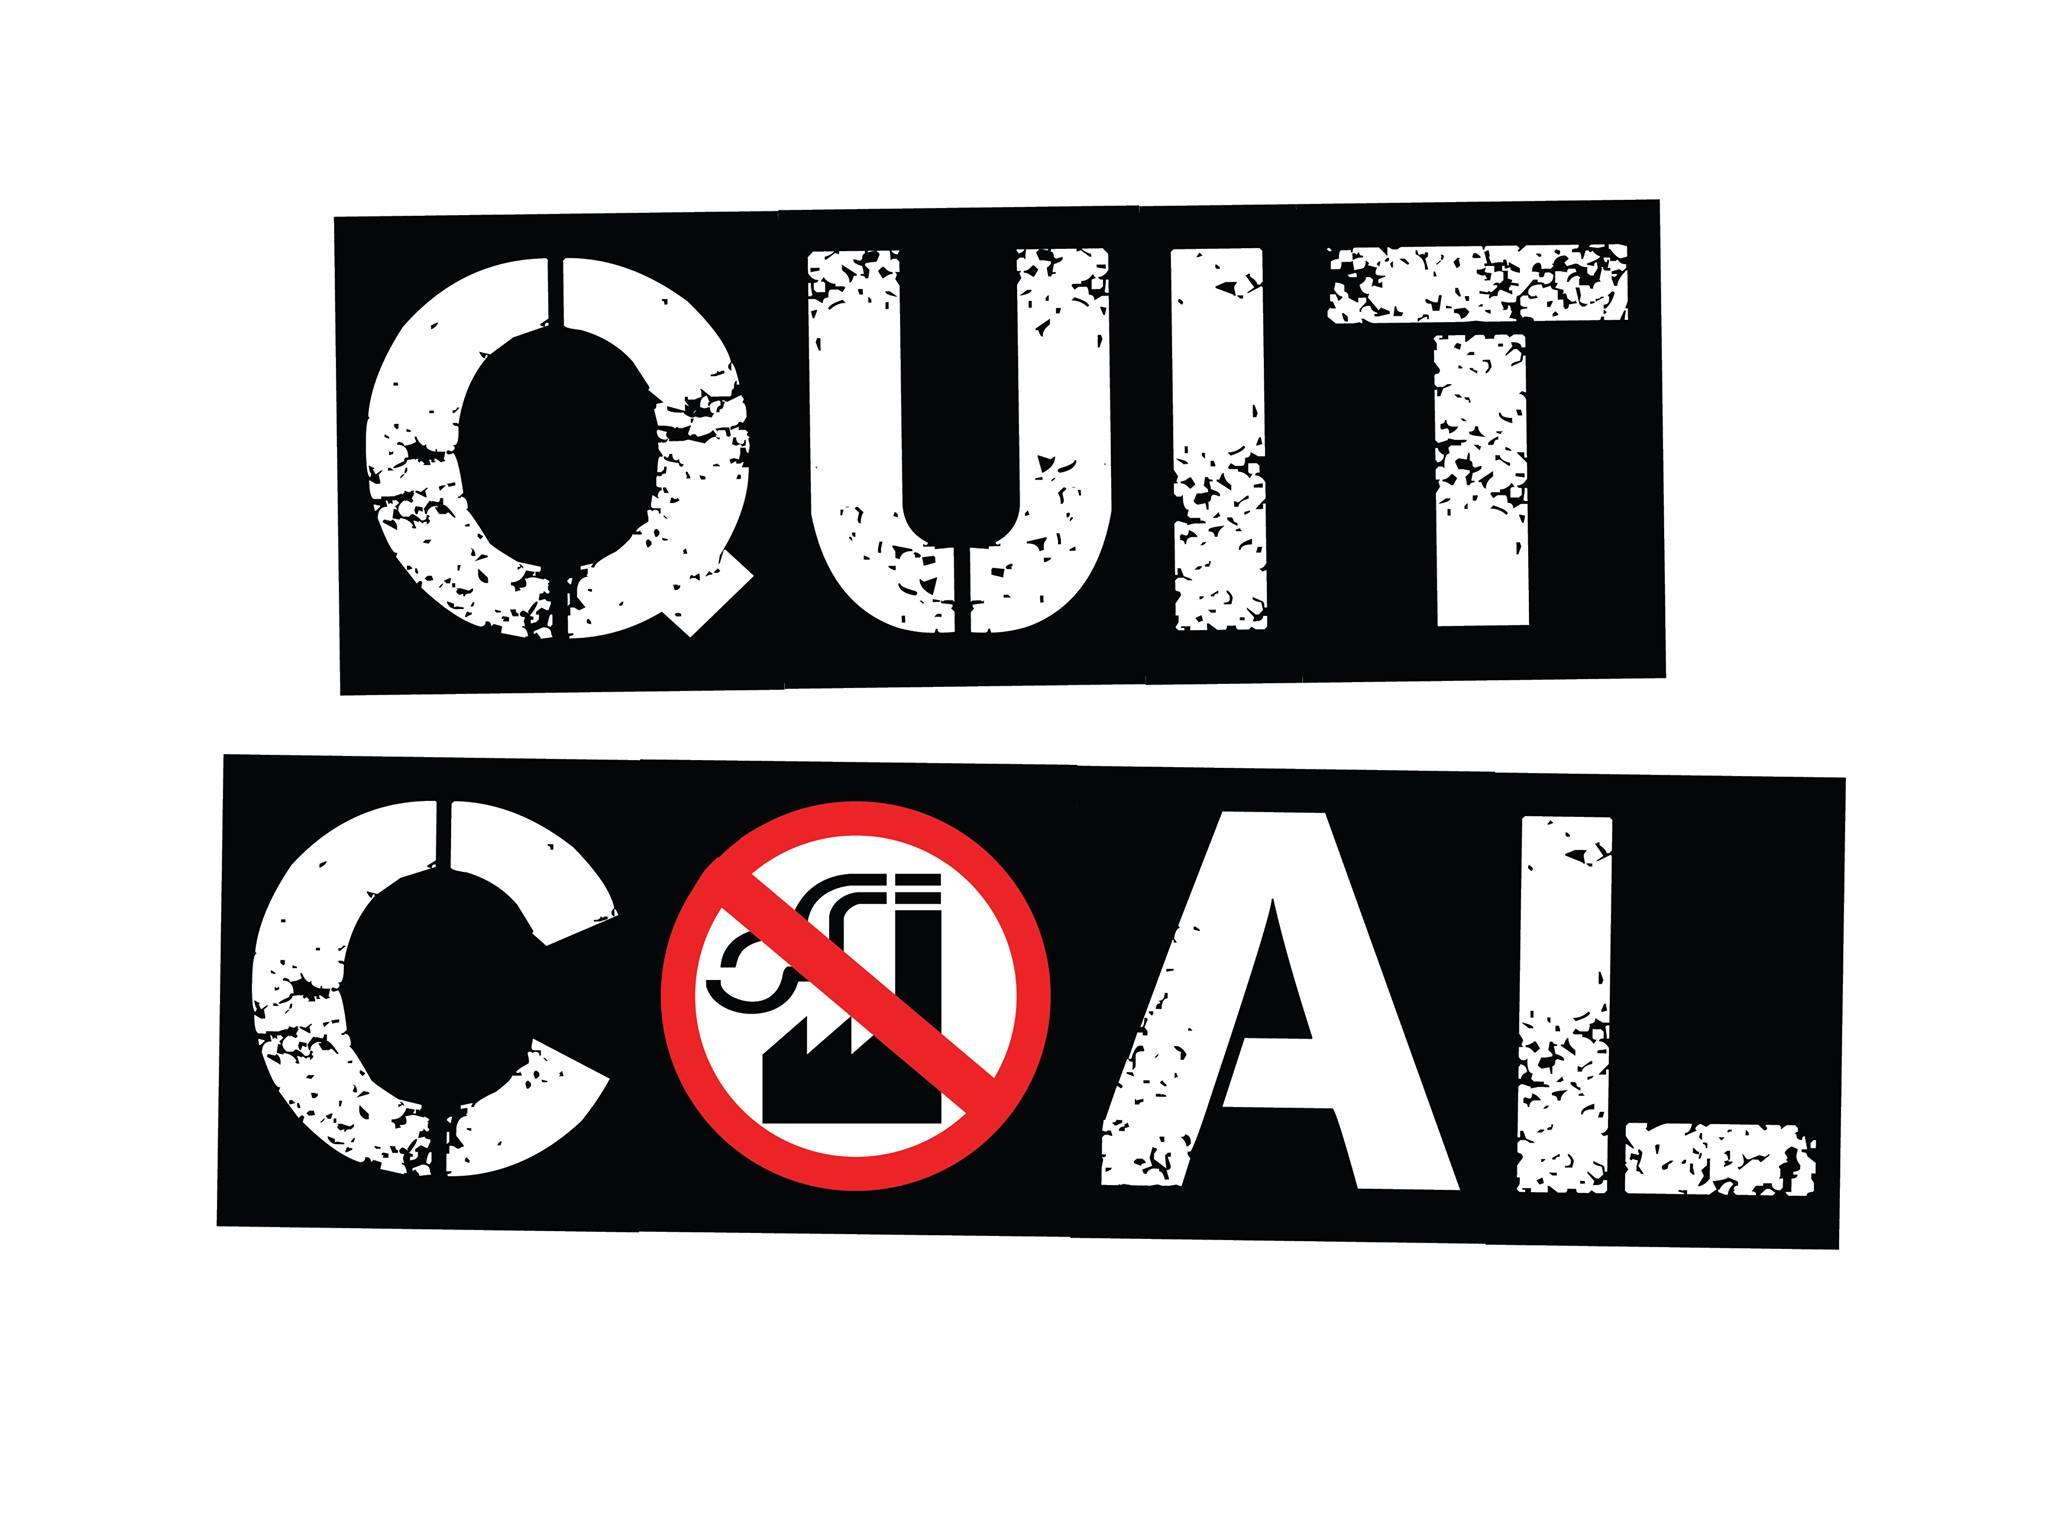 Quit_Coal_logo.jpg